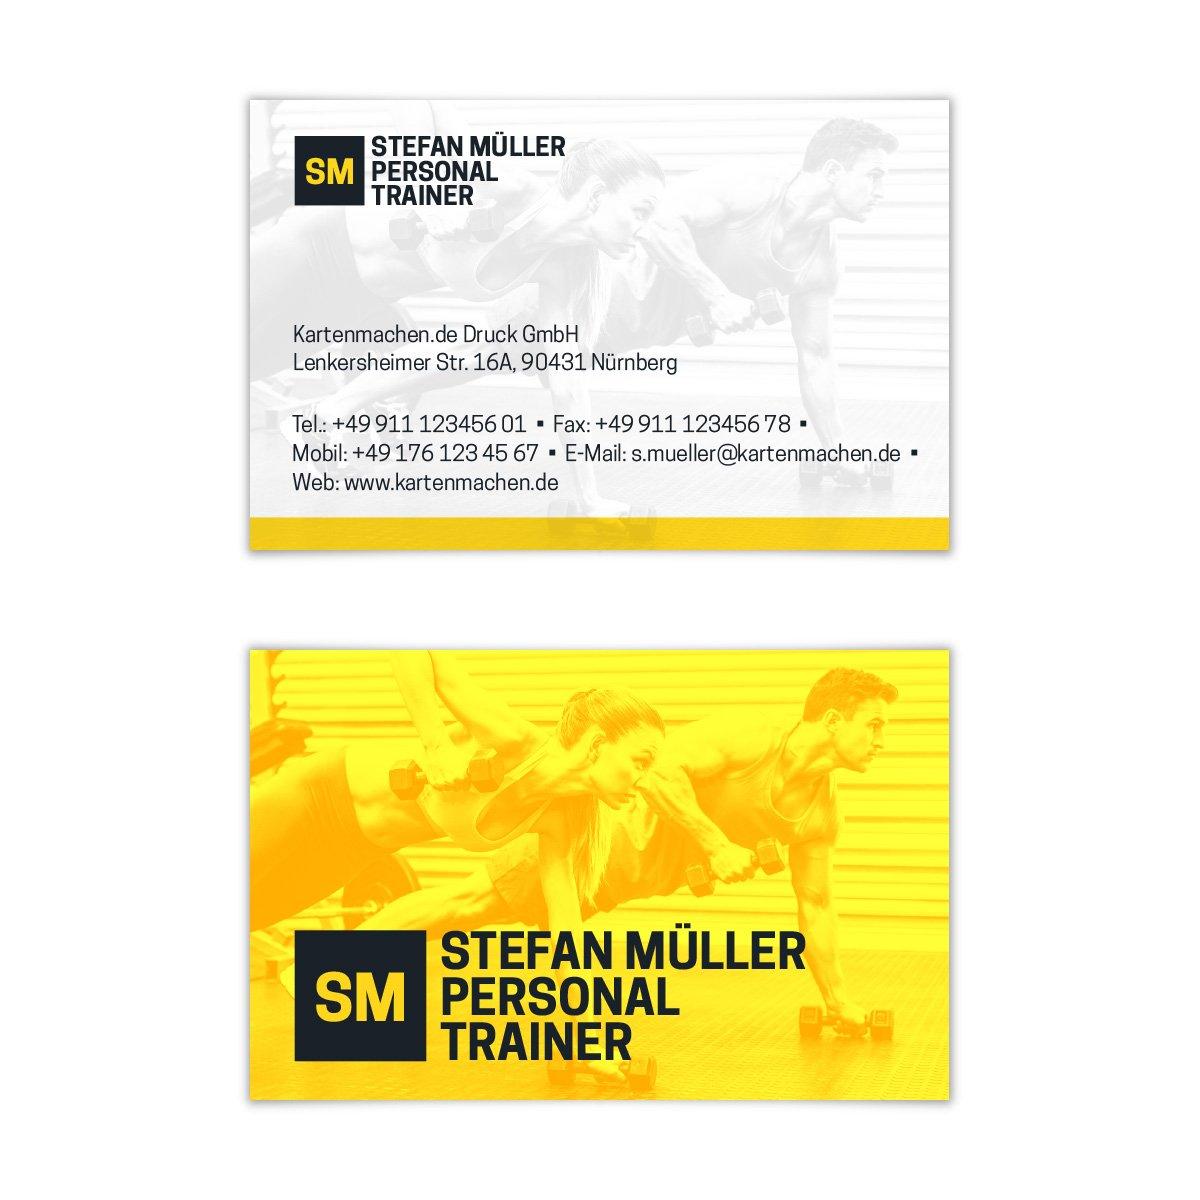 500 x Visitenkarten individuell Business Karten 300g qm 85 x 55 mm - Personal Trainer B07F7BWPW4   Genial Und Praktisch     Neuer Markt    Online